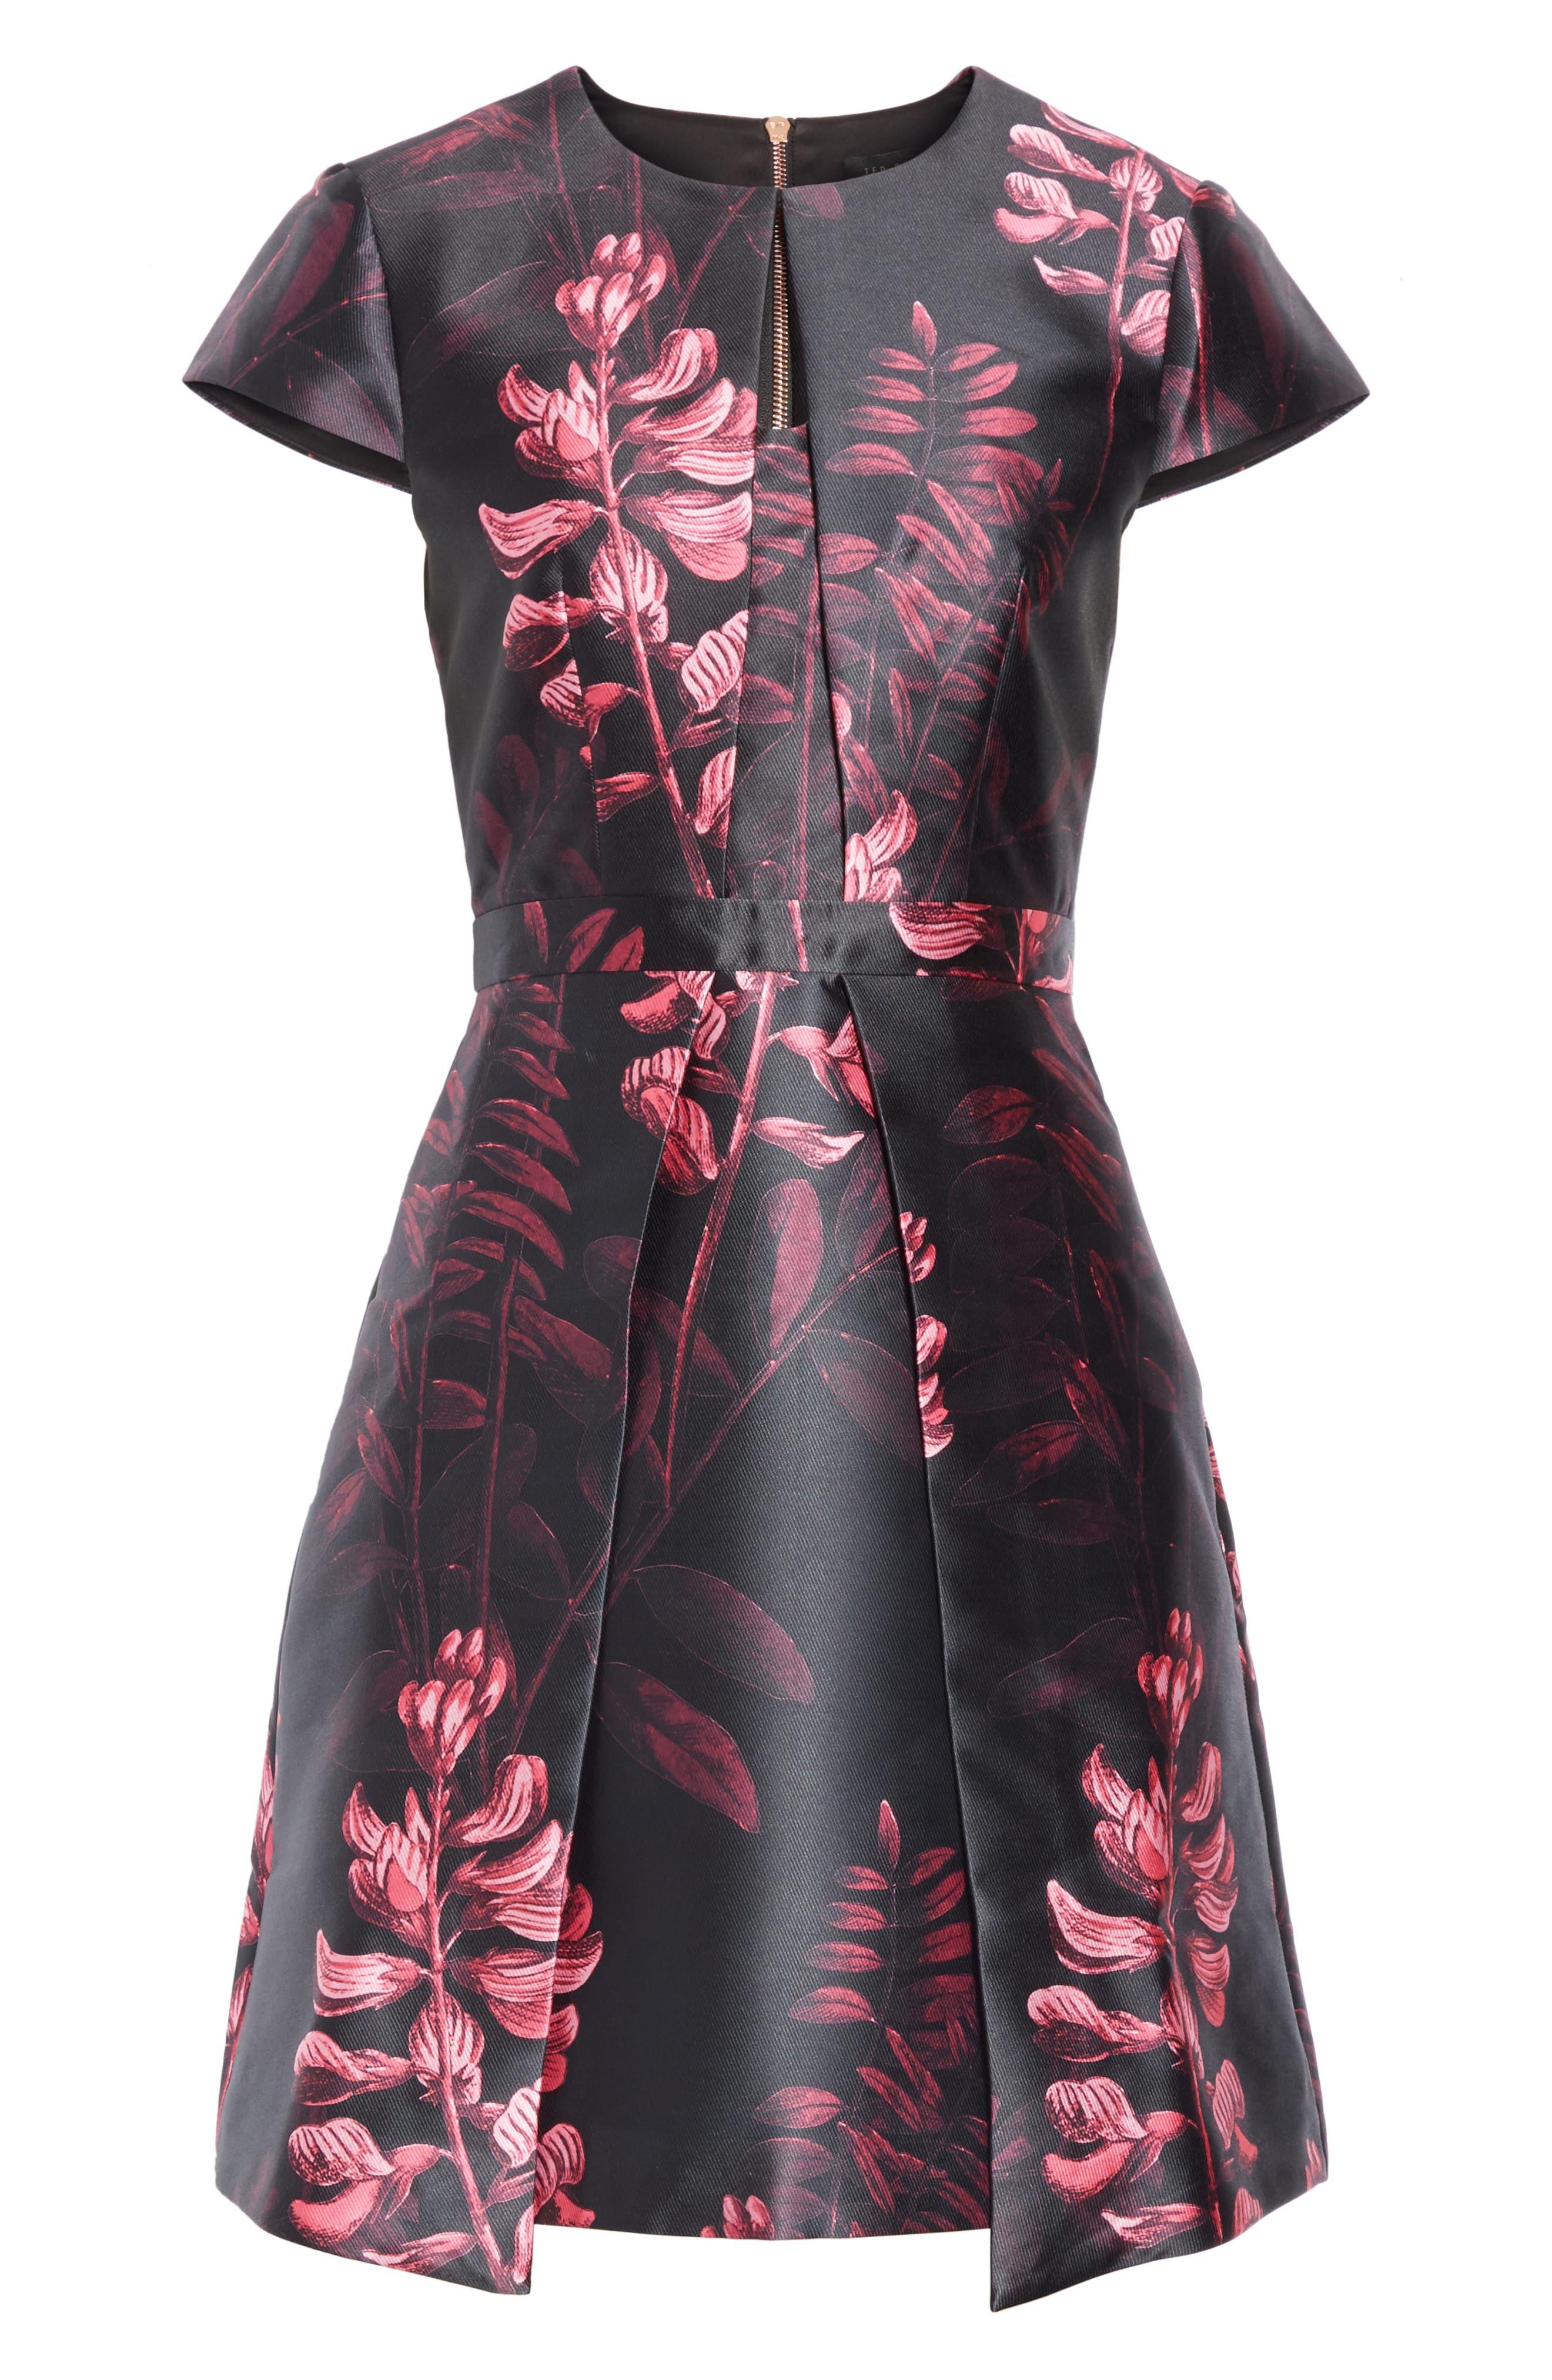 Jebby Splendor Jacquard Fit & Flare Dress,                             Alternate thumbnail 6, color,                             001